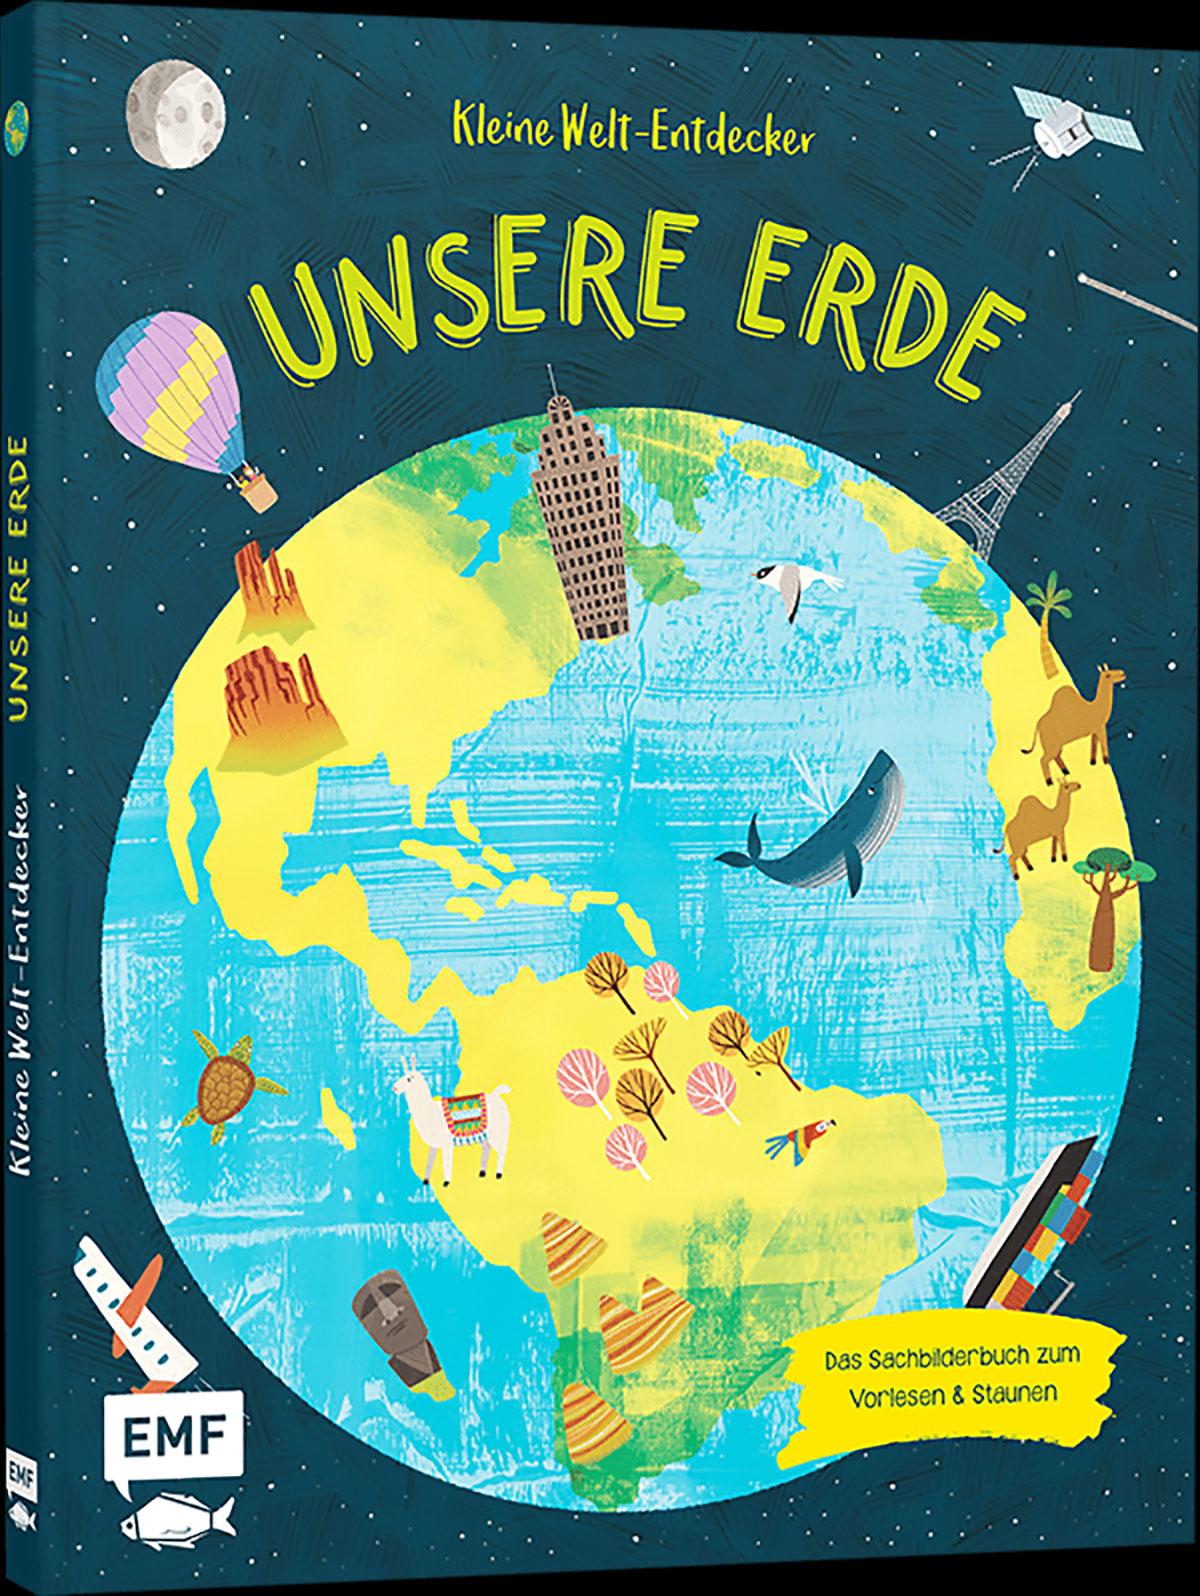 »KLEINE ENTDECKER - UNSERE ERDE«  —  EMF